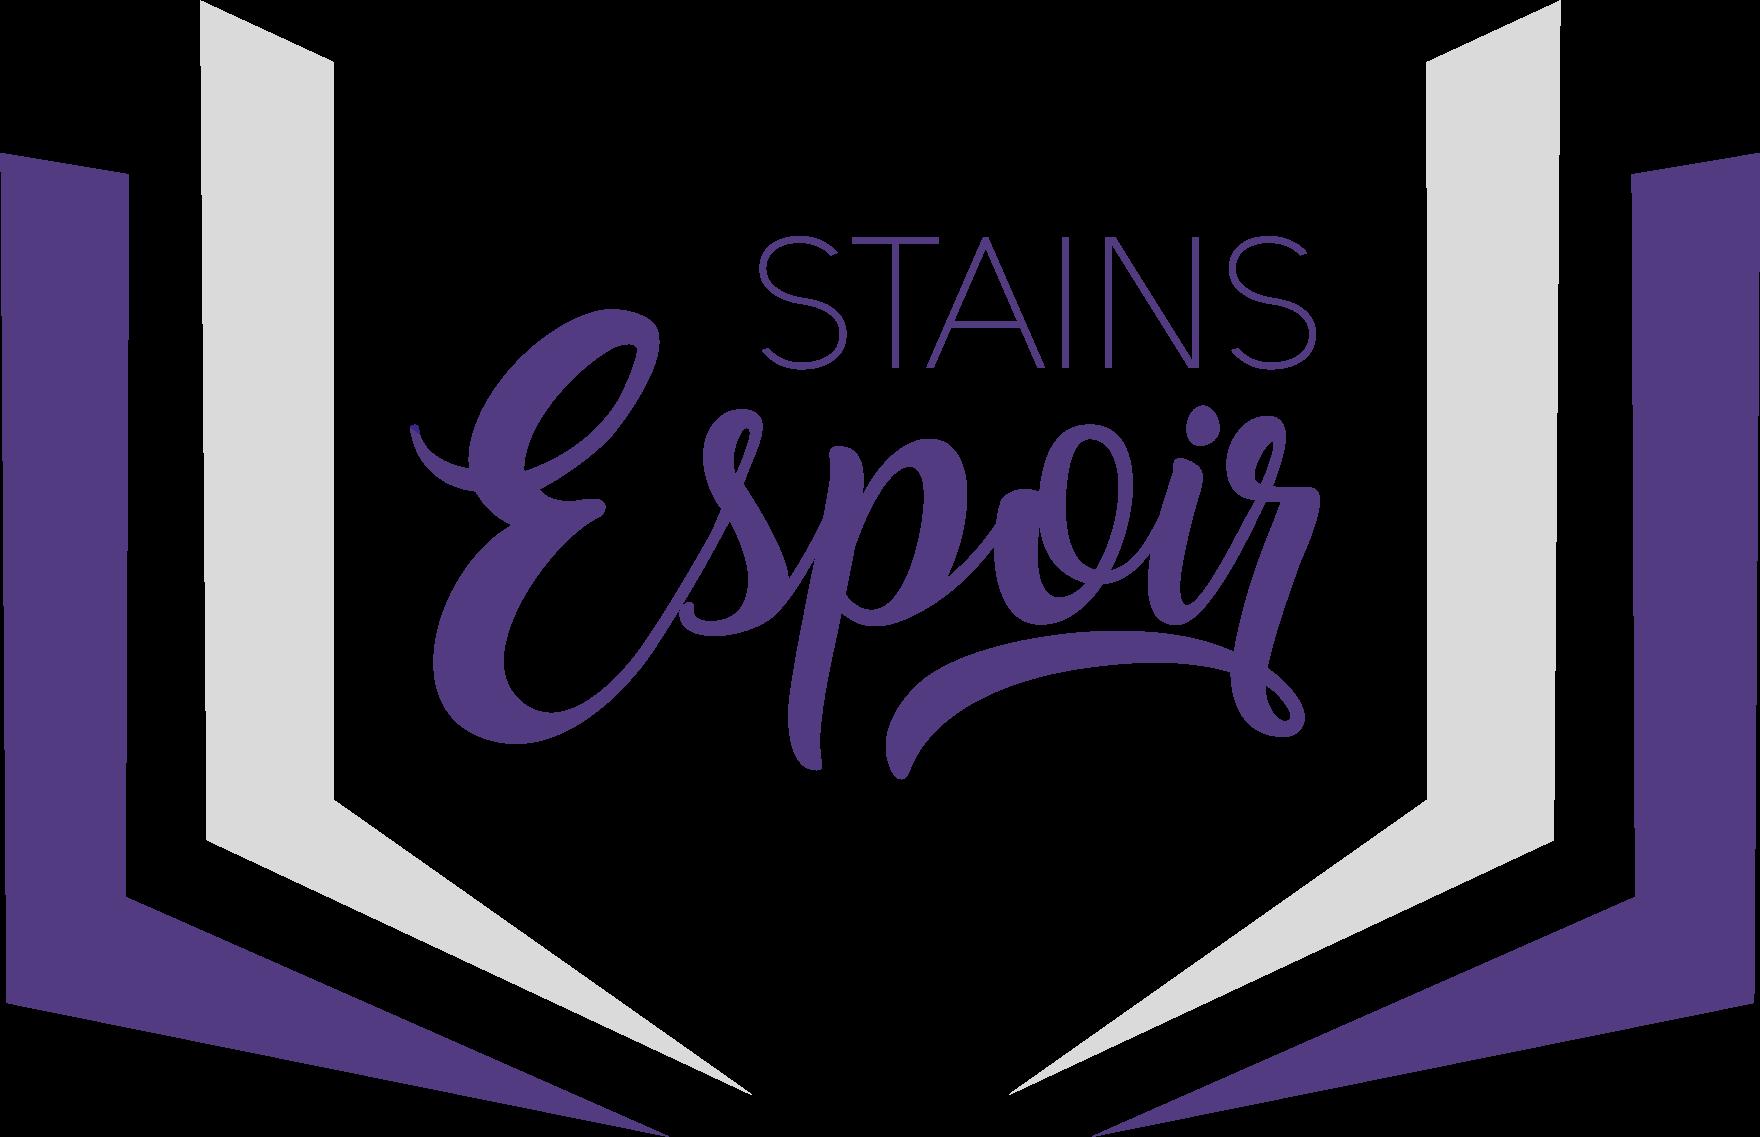 Stains Espoir